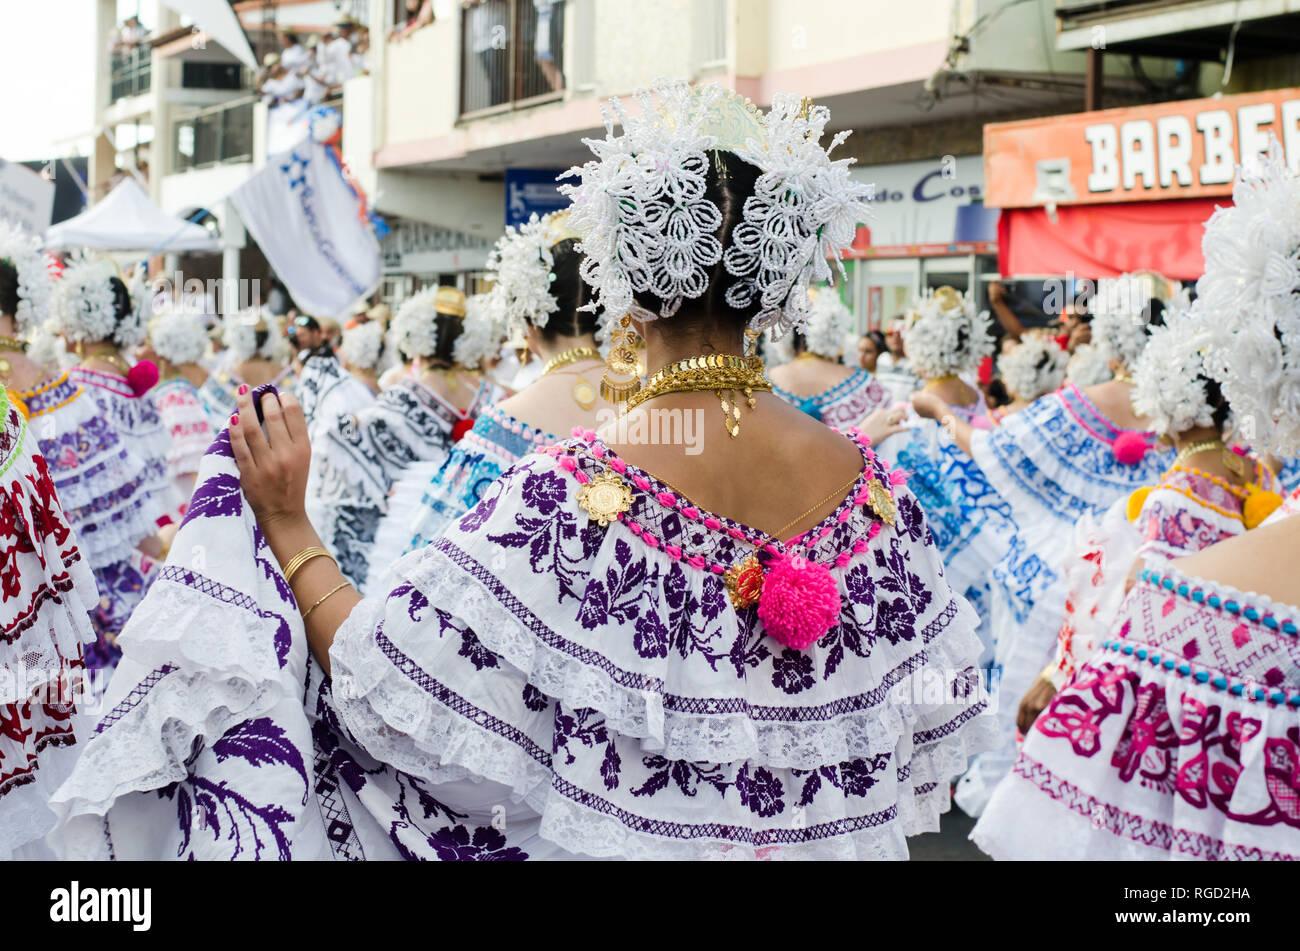 """Las mujeres vestidas con ropa tradicional panameño, conocido como """"La Pollera"""". Hay muchas variedades de polleras, dependiendo de su uso y de su lugar de origen. Imagen De Stock"""